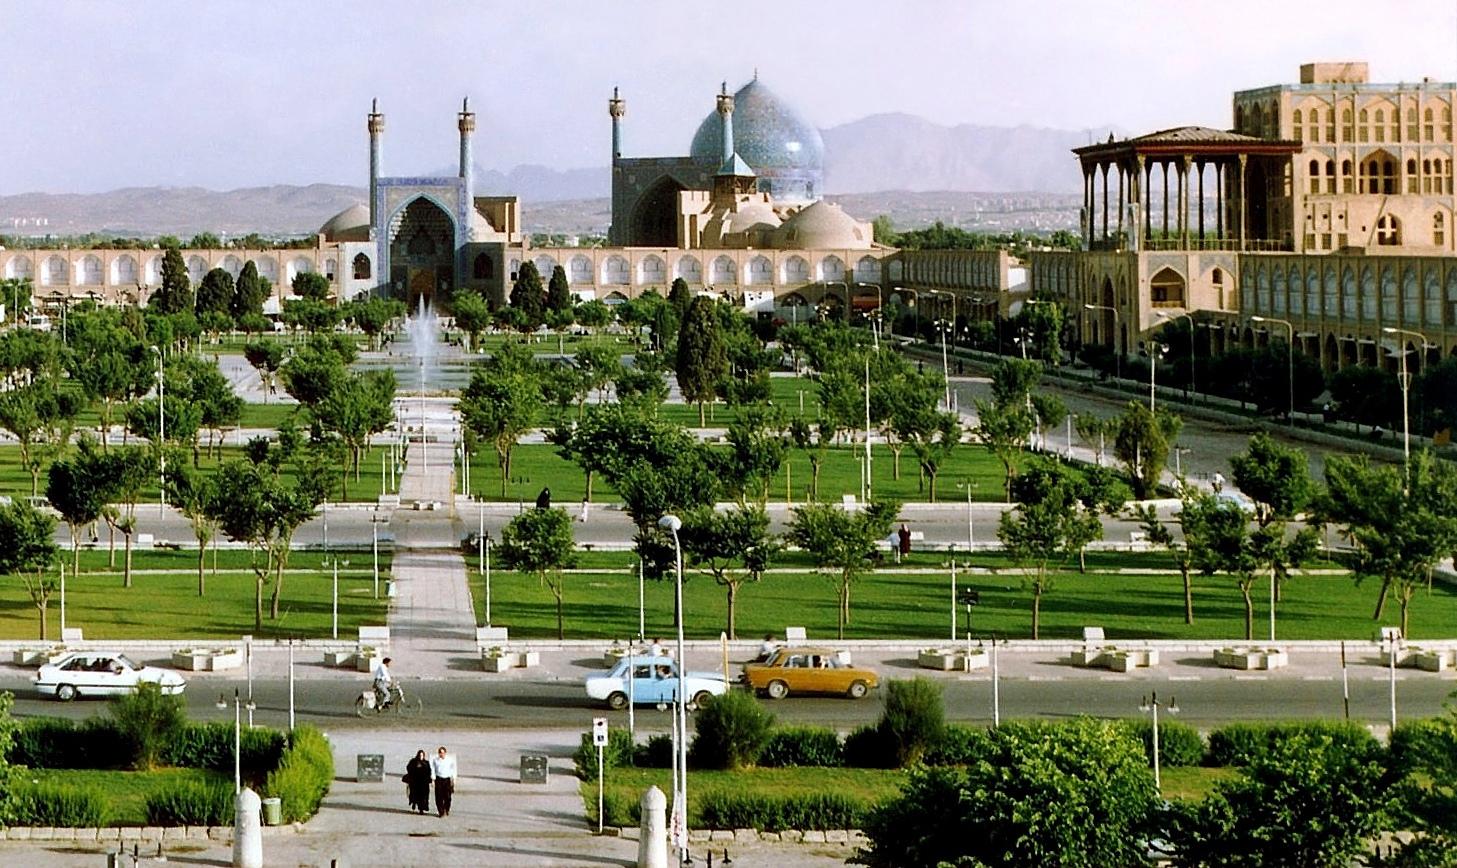 راهنمای جامع سفر به استان اصفهان+ فهرست تمام مکانهای دیدنی و تاریخی